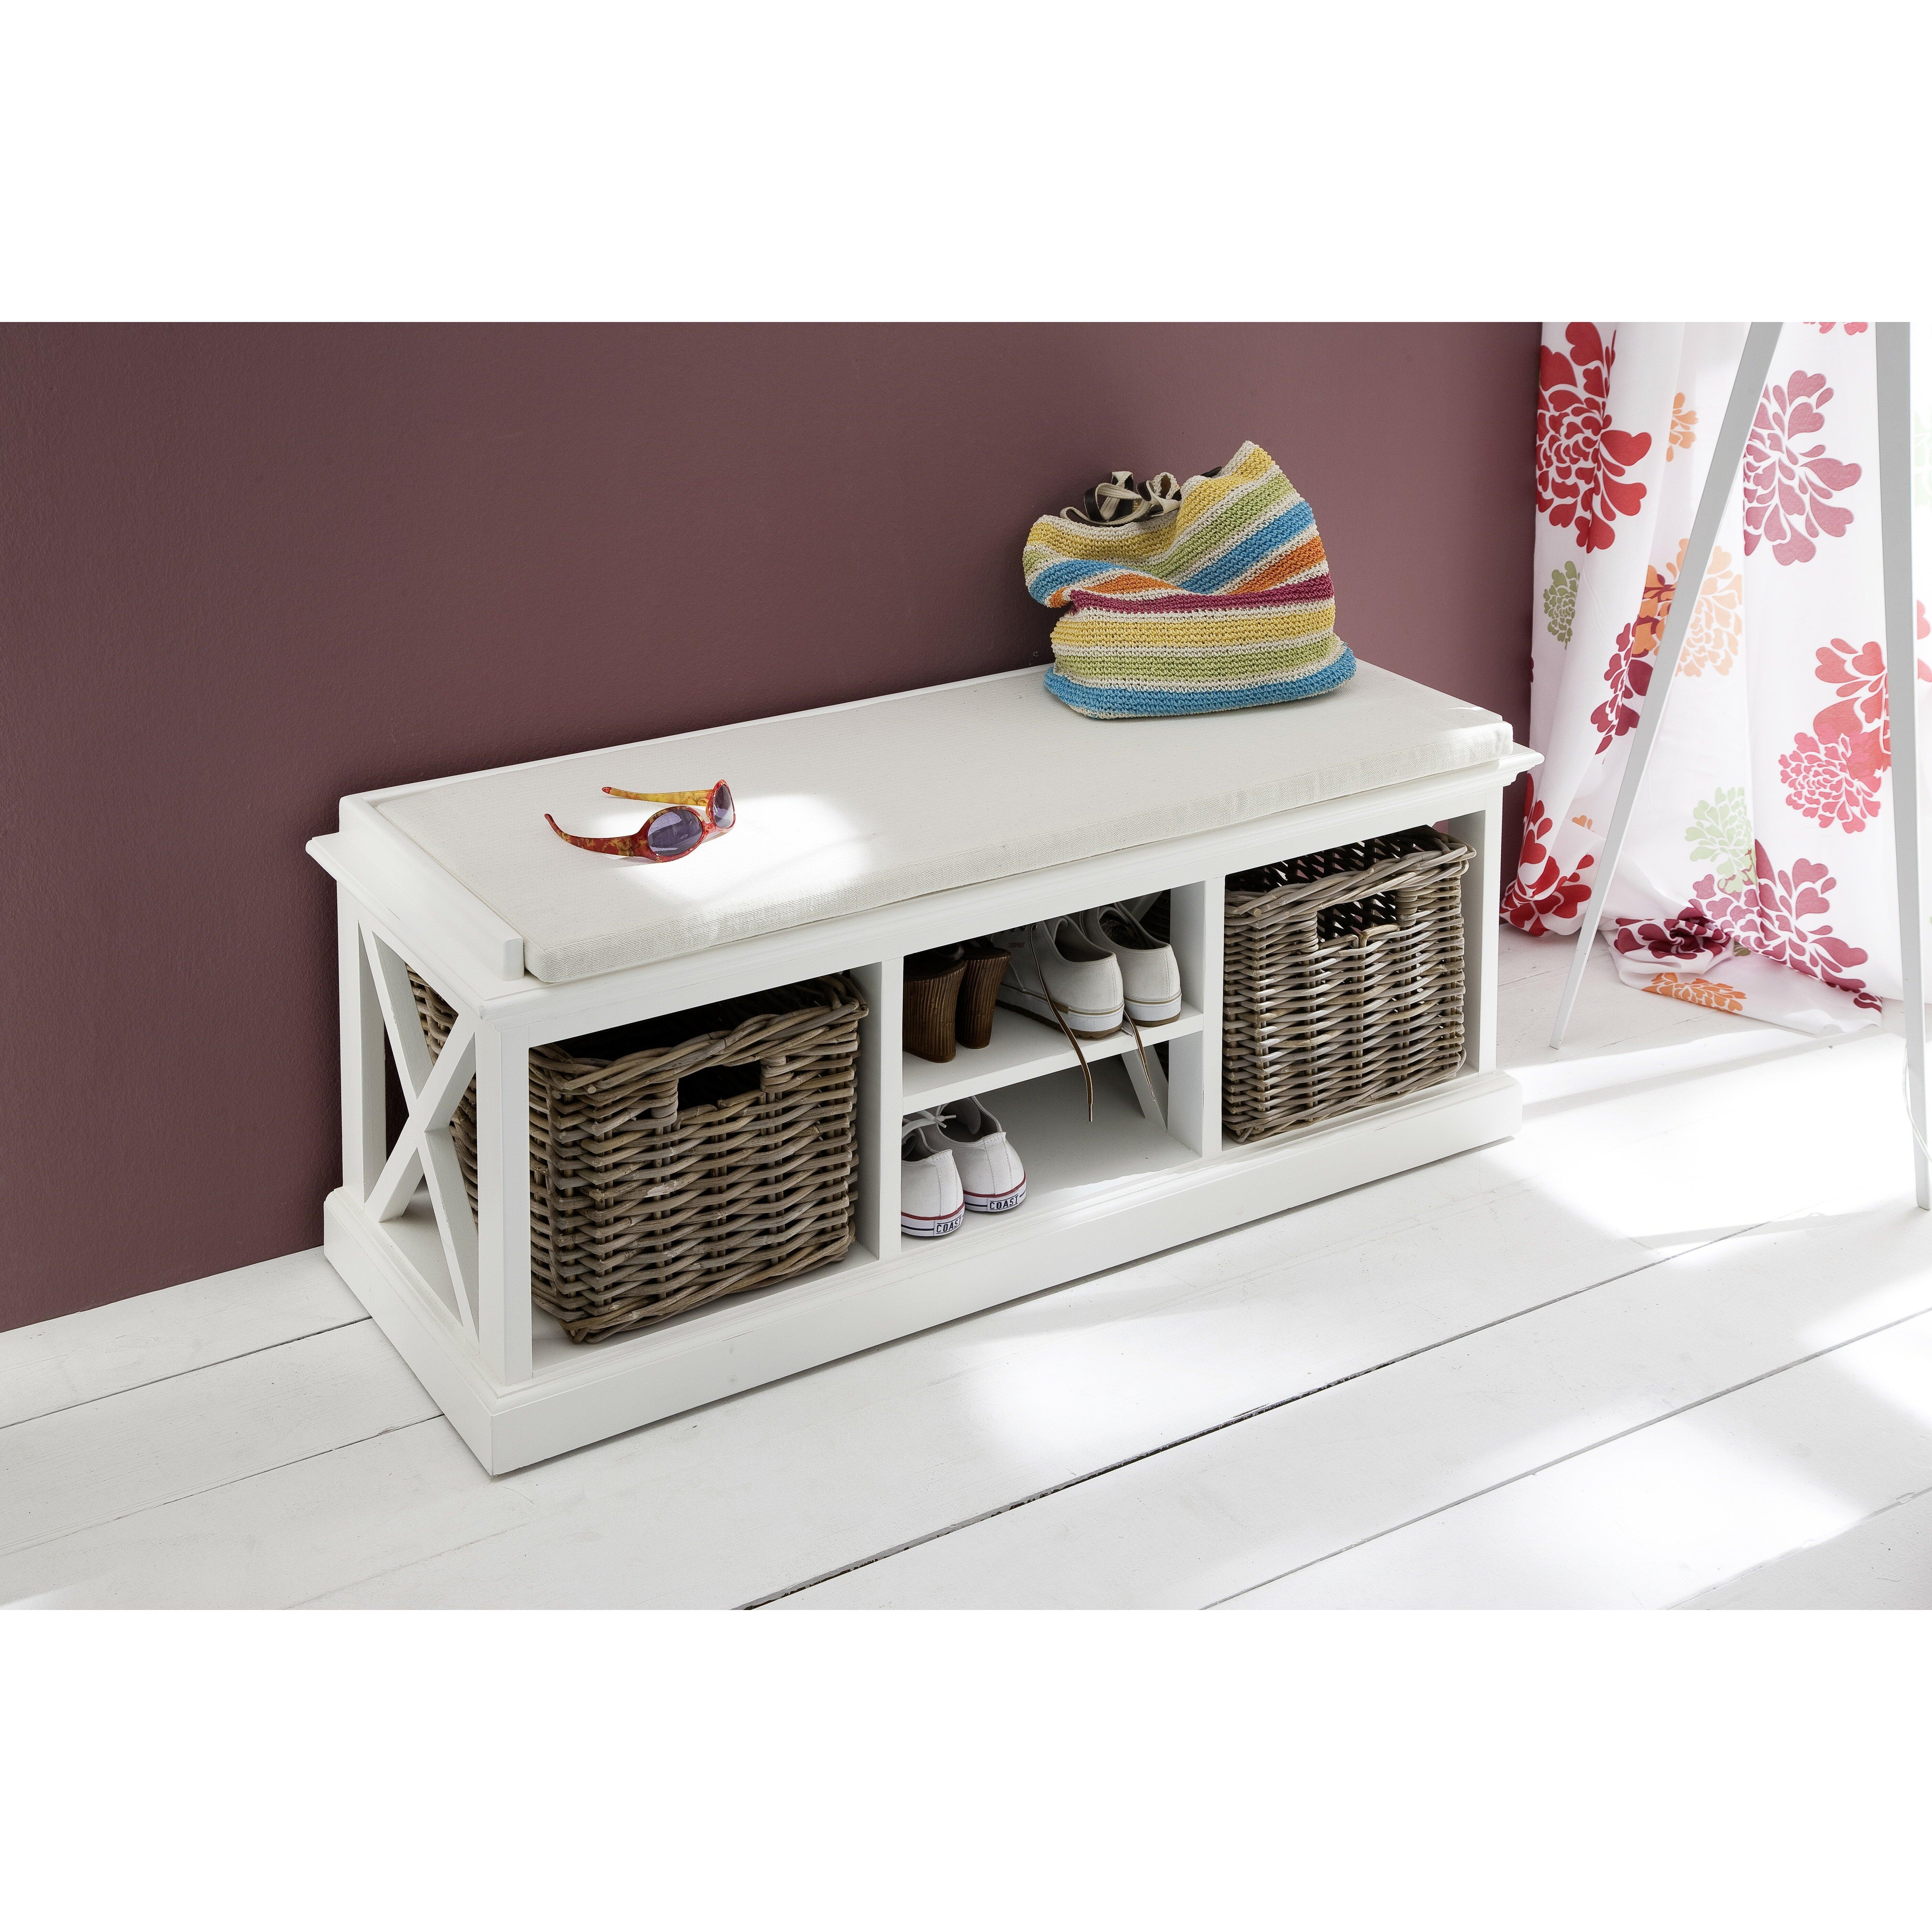 Burlington storage bench with baskets reviews joss main for Banc rangement salle de bain